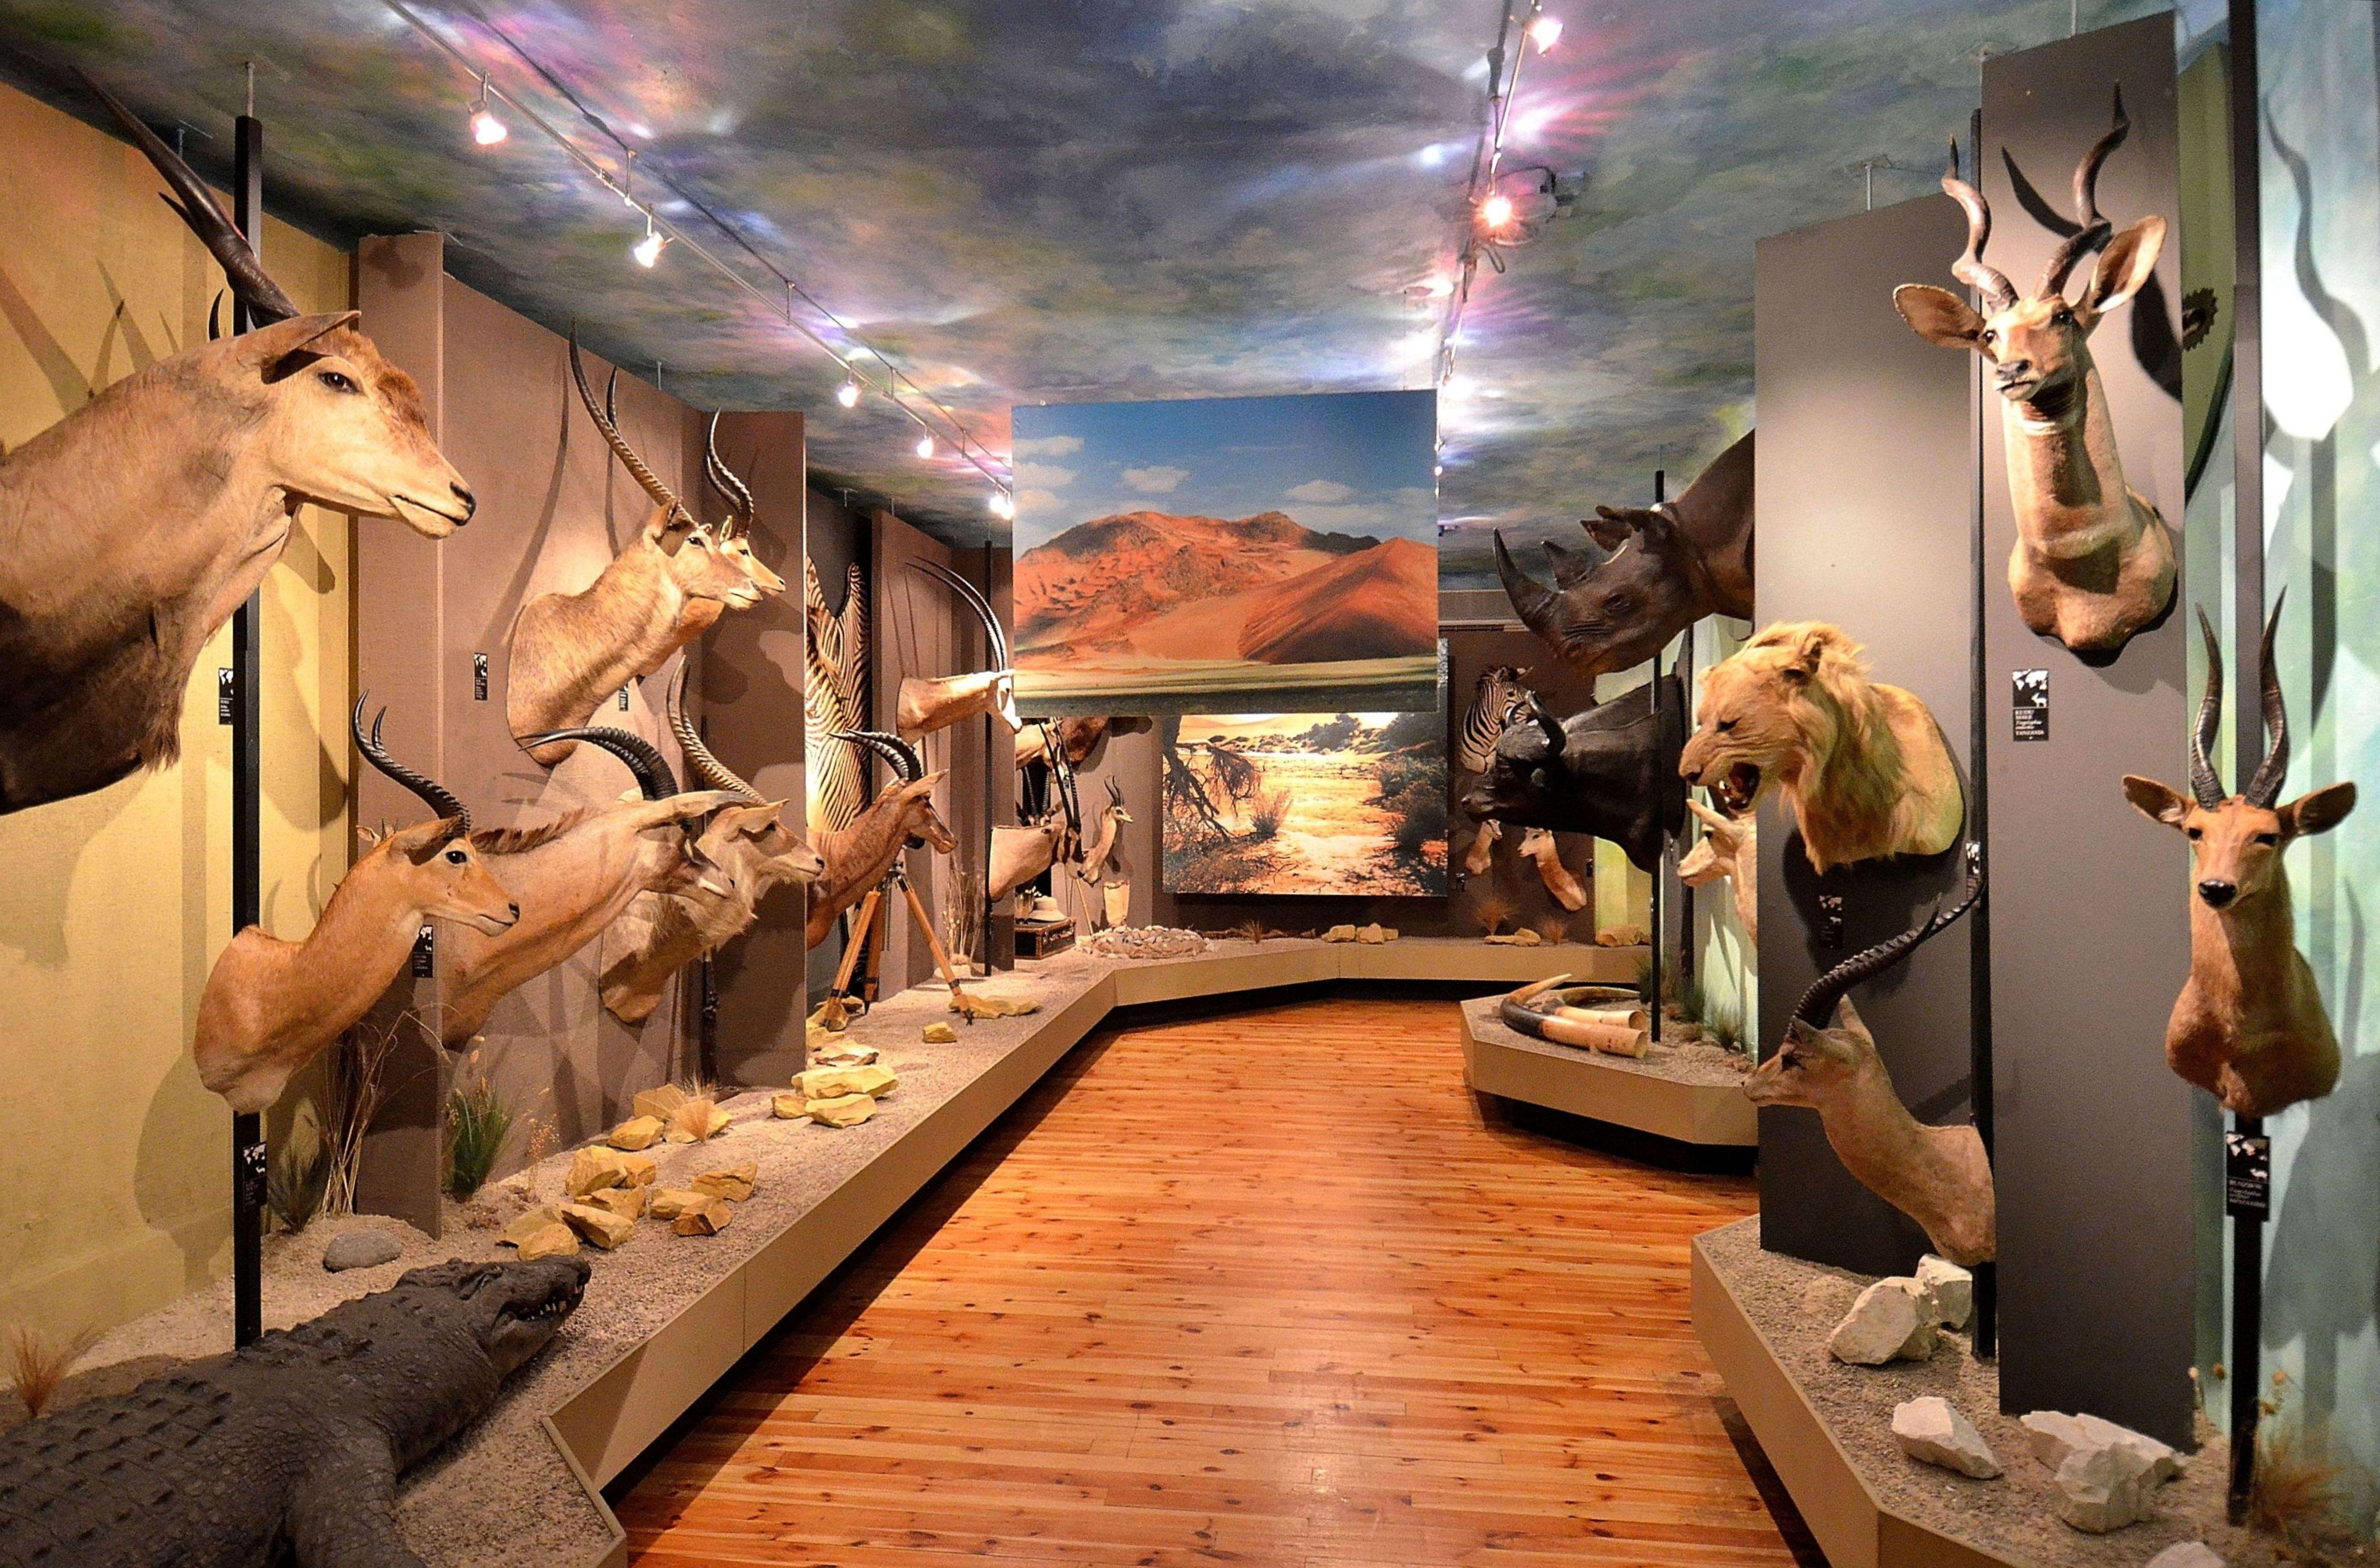 Muzeum w Wałbrzychu | Informacja turystyczna Wałbrzych